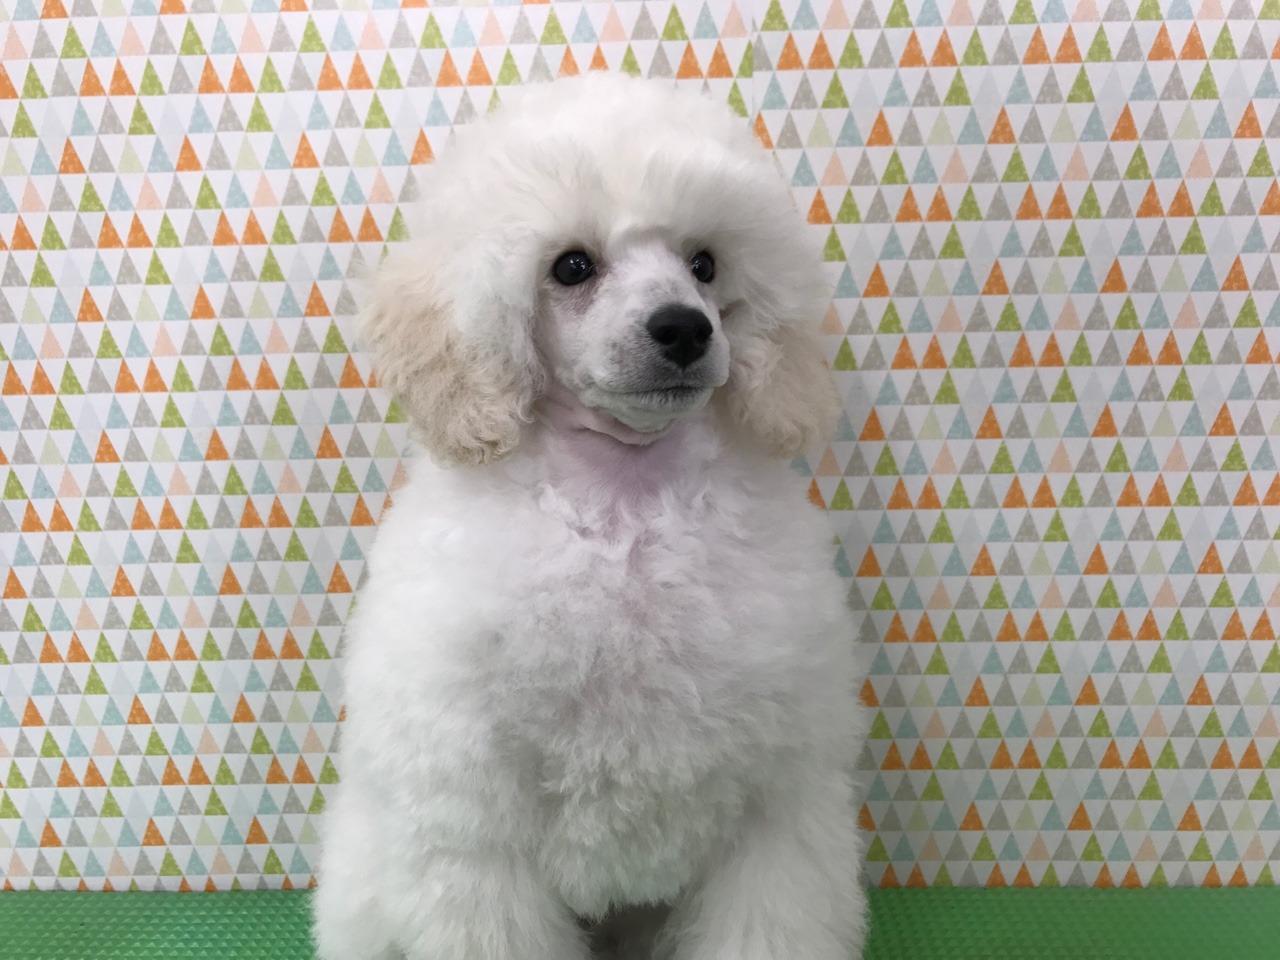 モデル犬として頑張るんだよぉ〜:イメージ